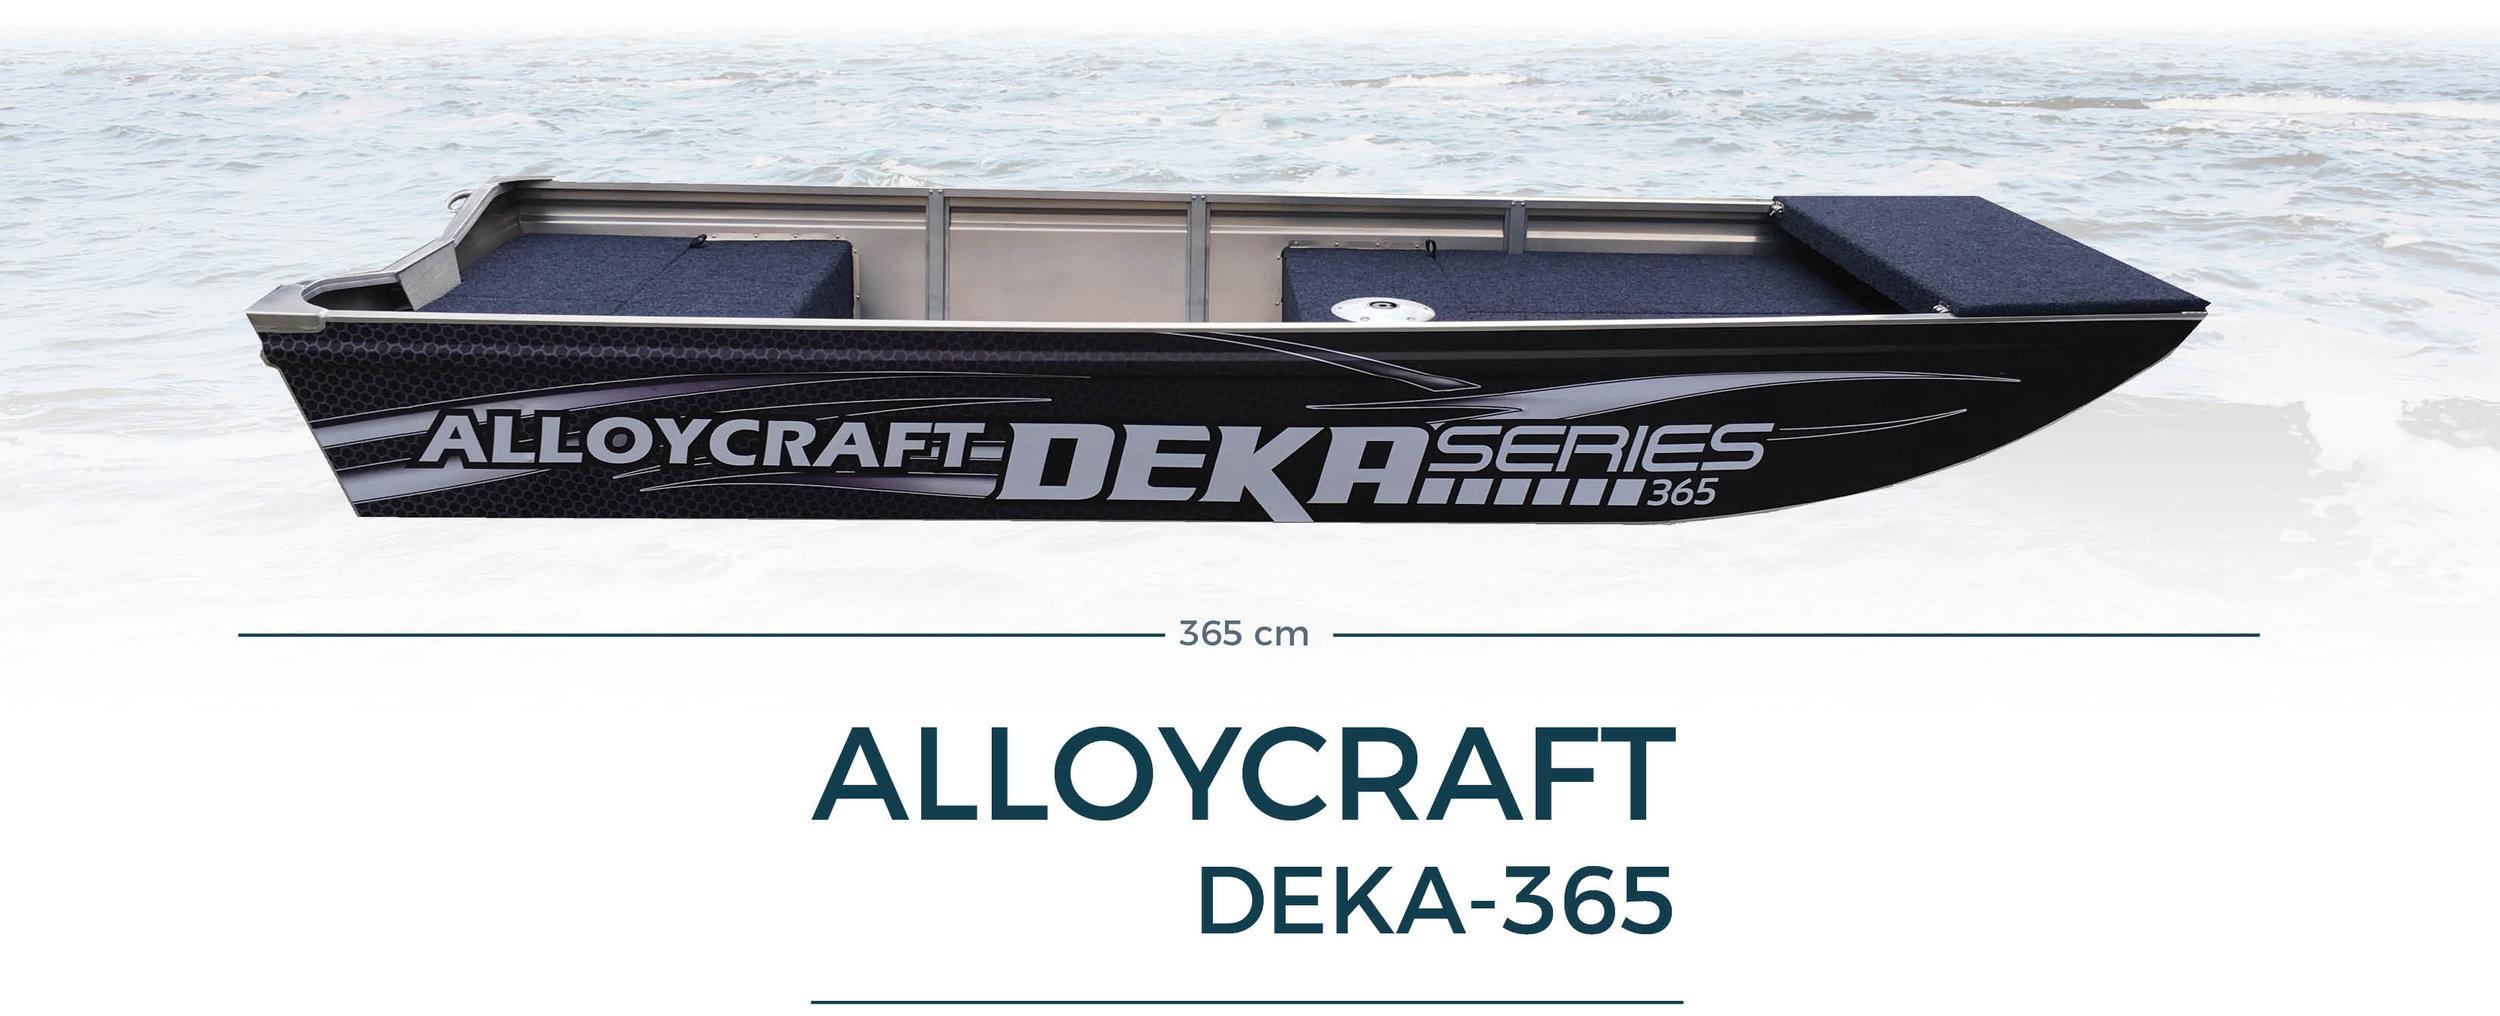 Deka365 båtrubrik.jpg